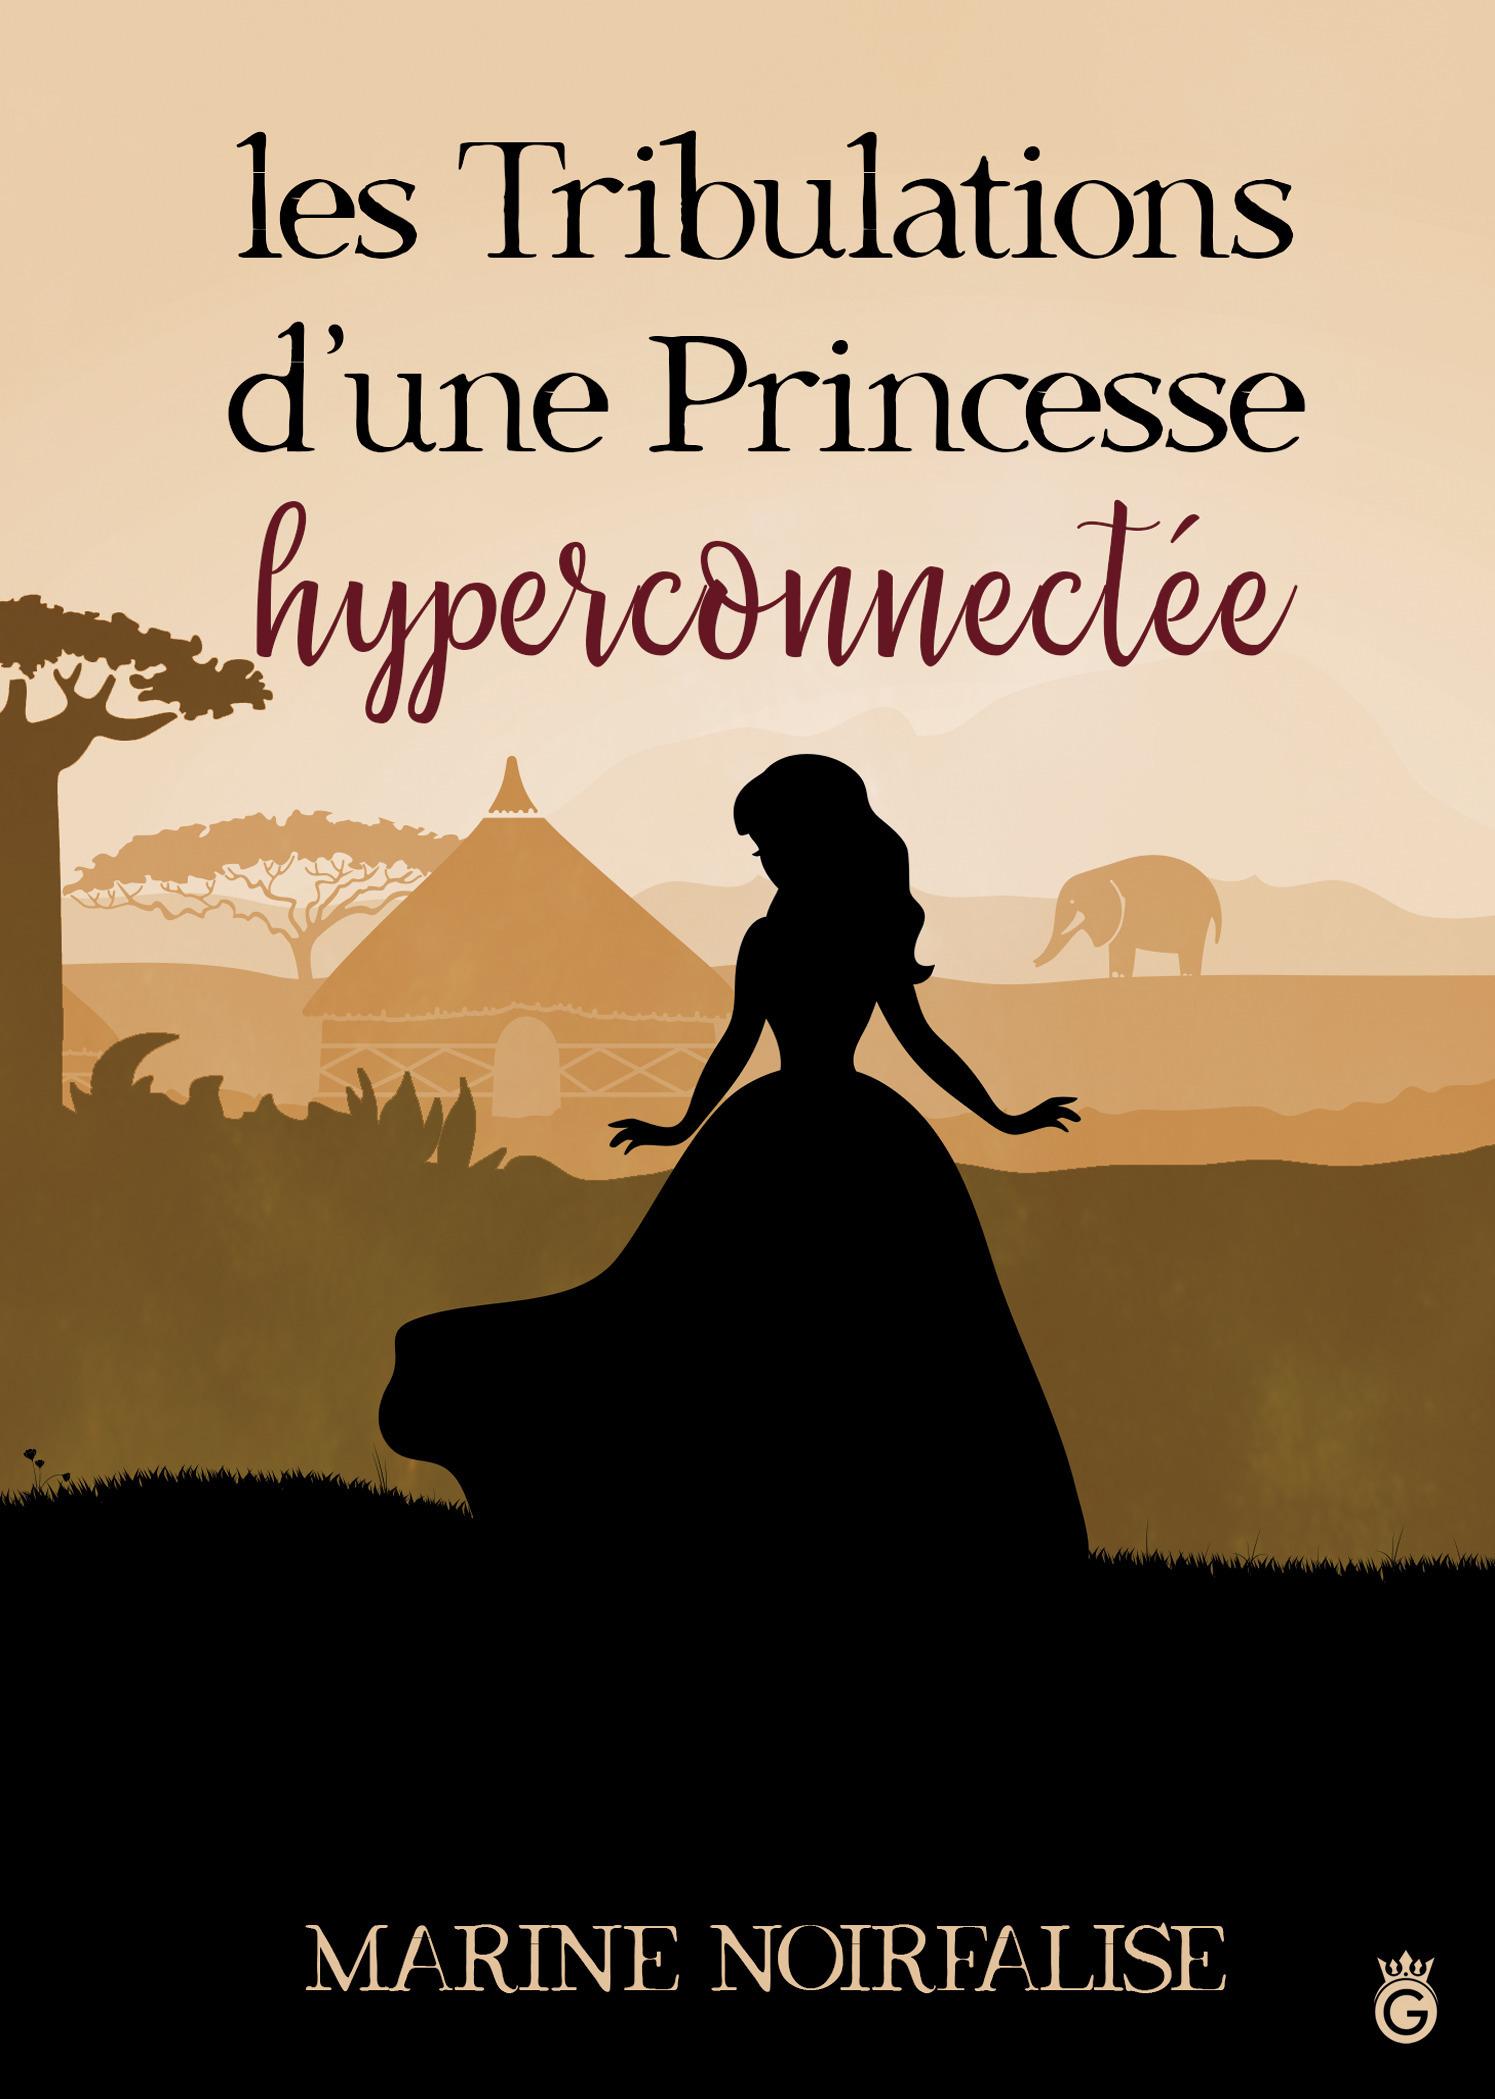 Les tribulations d'une princessse hyper-connectée